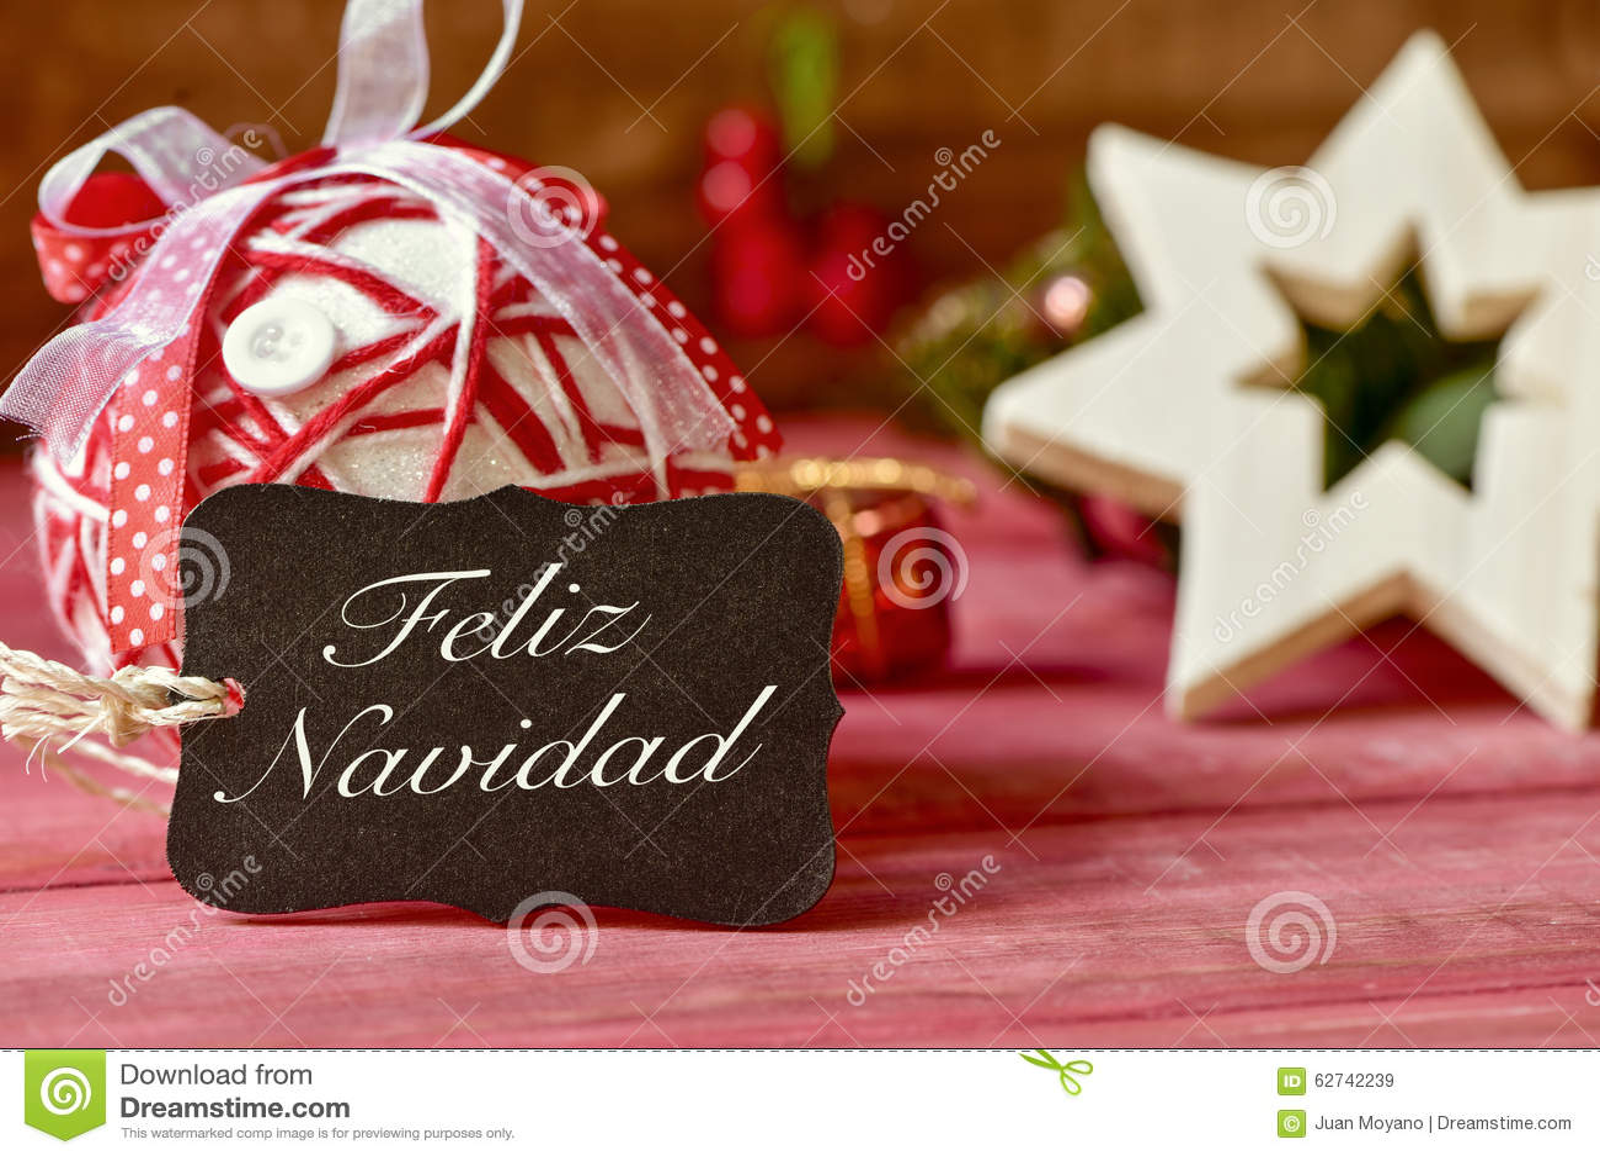 Simsen Sie feliz navidad, frohe Weihnachten auf spanisch